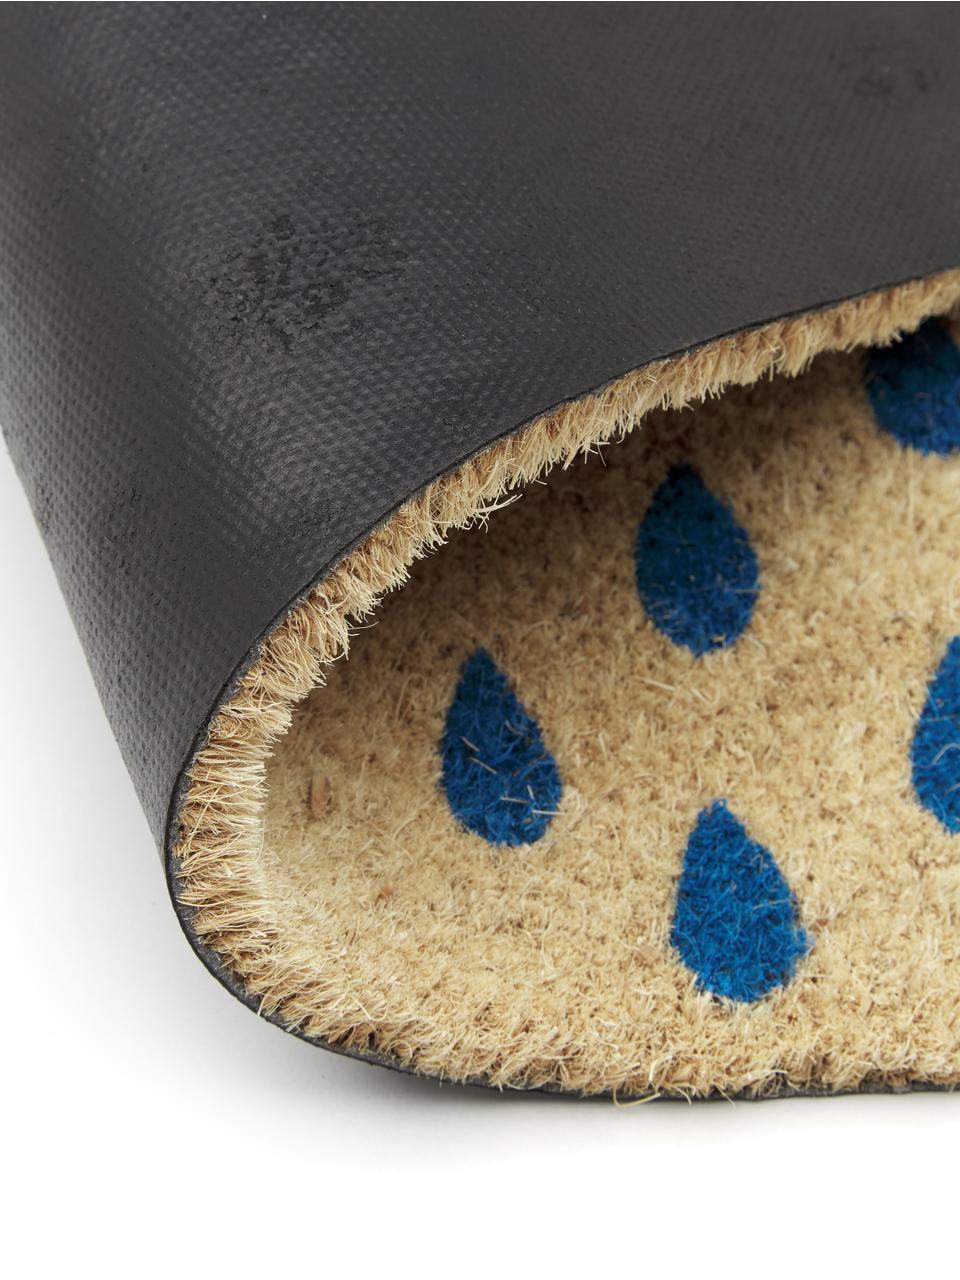 Fußmatte Rainy, Oberseite: Kokosfaser, Unterseite: Kunststoff (PVC), Hellbeige, Blau, Rot, 45 x 75 cm